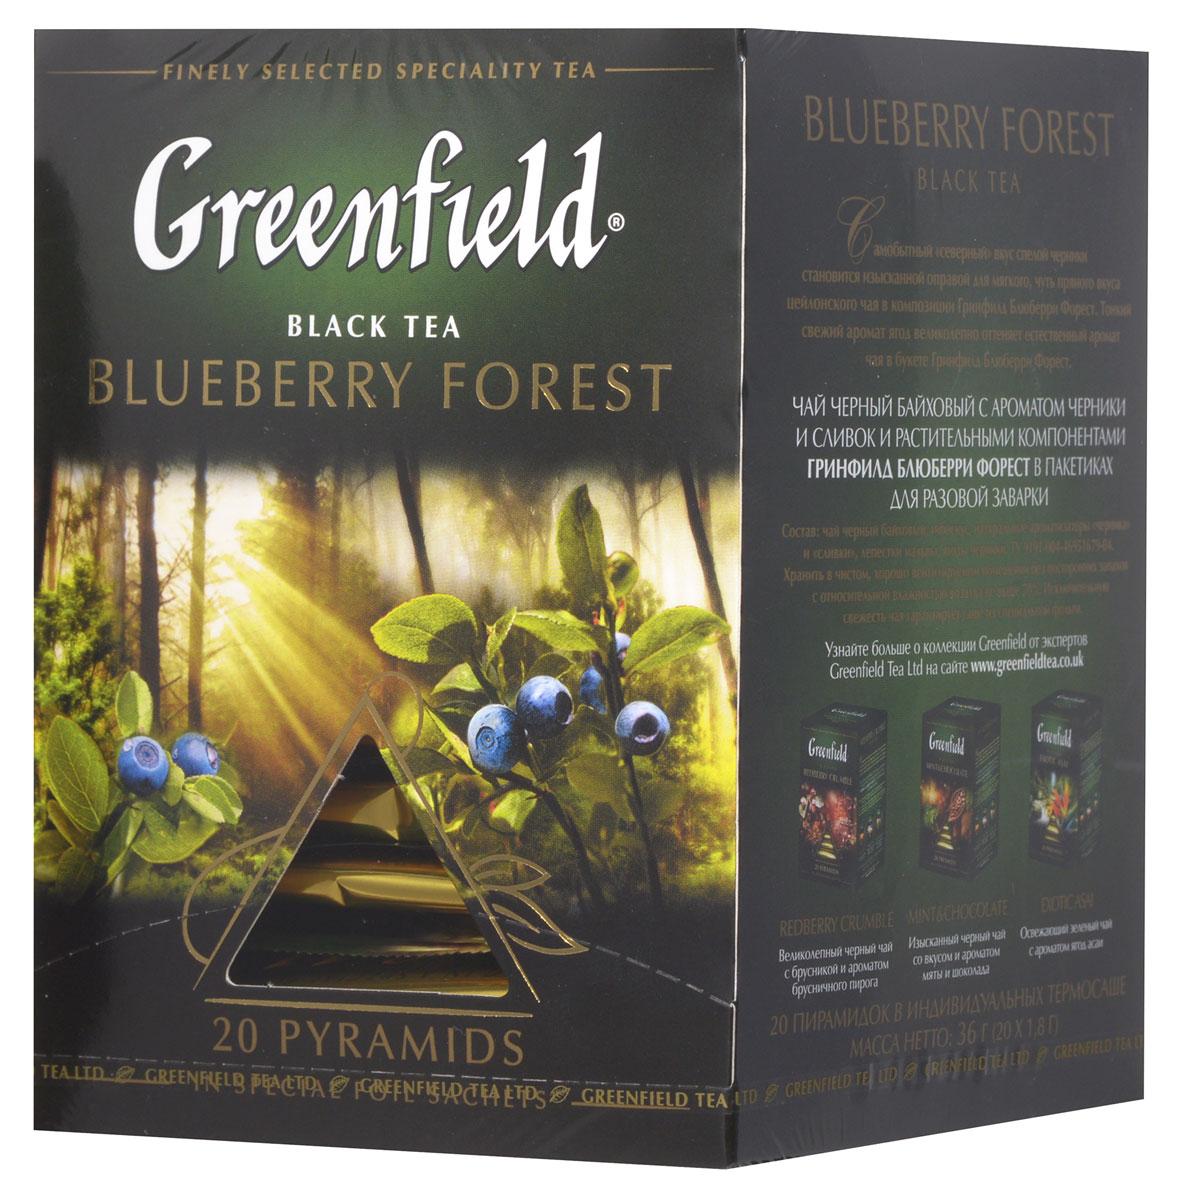 Greenfield Blueberry Forest черный чай в пирамидках, 20 шт0902-08Самобытный северный вкус спелой черники становится изысканной оправой для мягкого, чуть пряного вкуса цейлонского чая в композиции Greenfield Blueberry Forest. Тонкий свежий аромат ягод великолепно оттеняет естественный аромат чая в букете Greenfield Blueberry Forest. Относительная влажность воздуха при хранении не выше 70%.